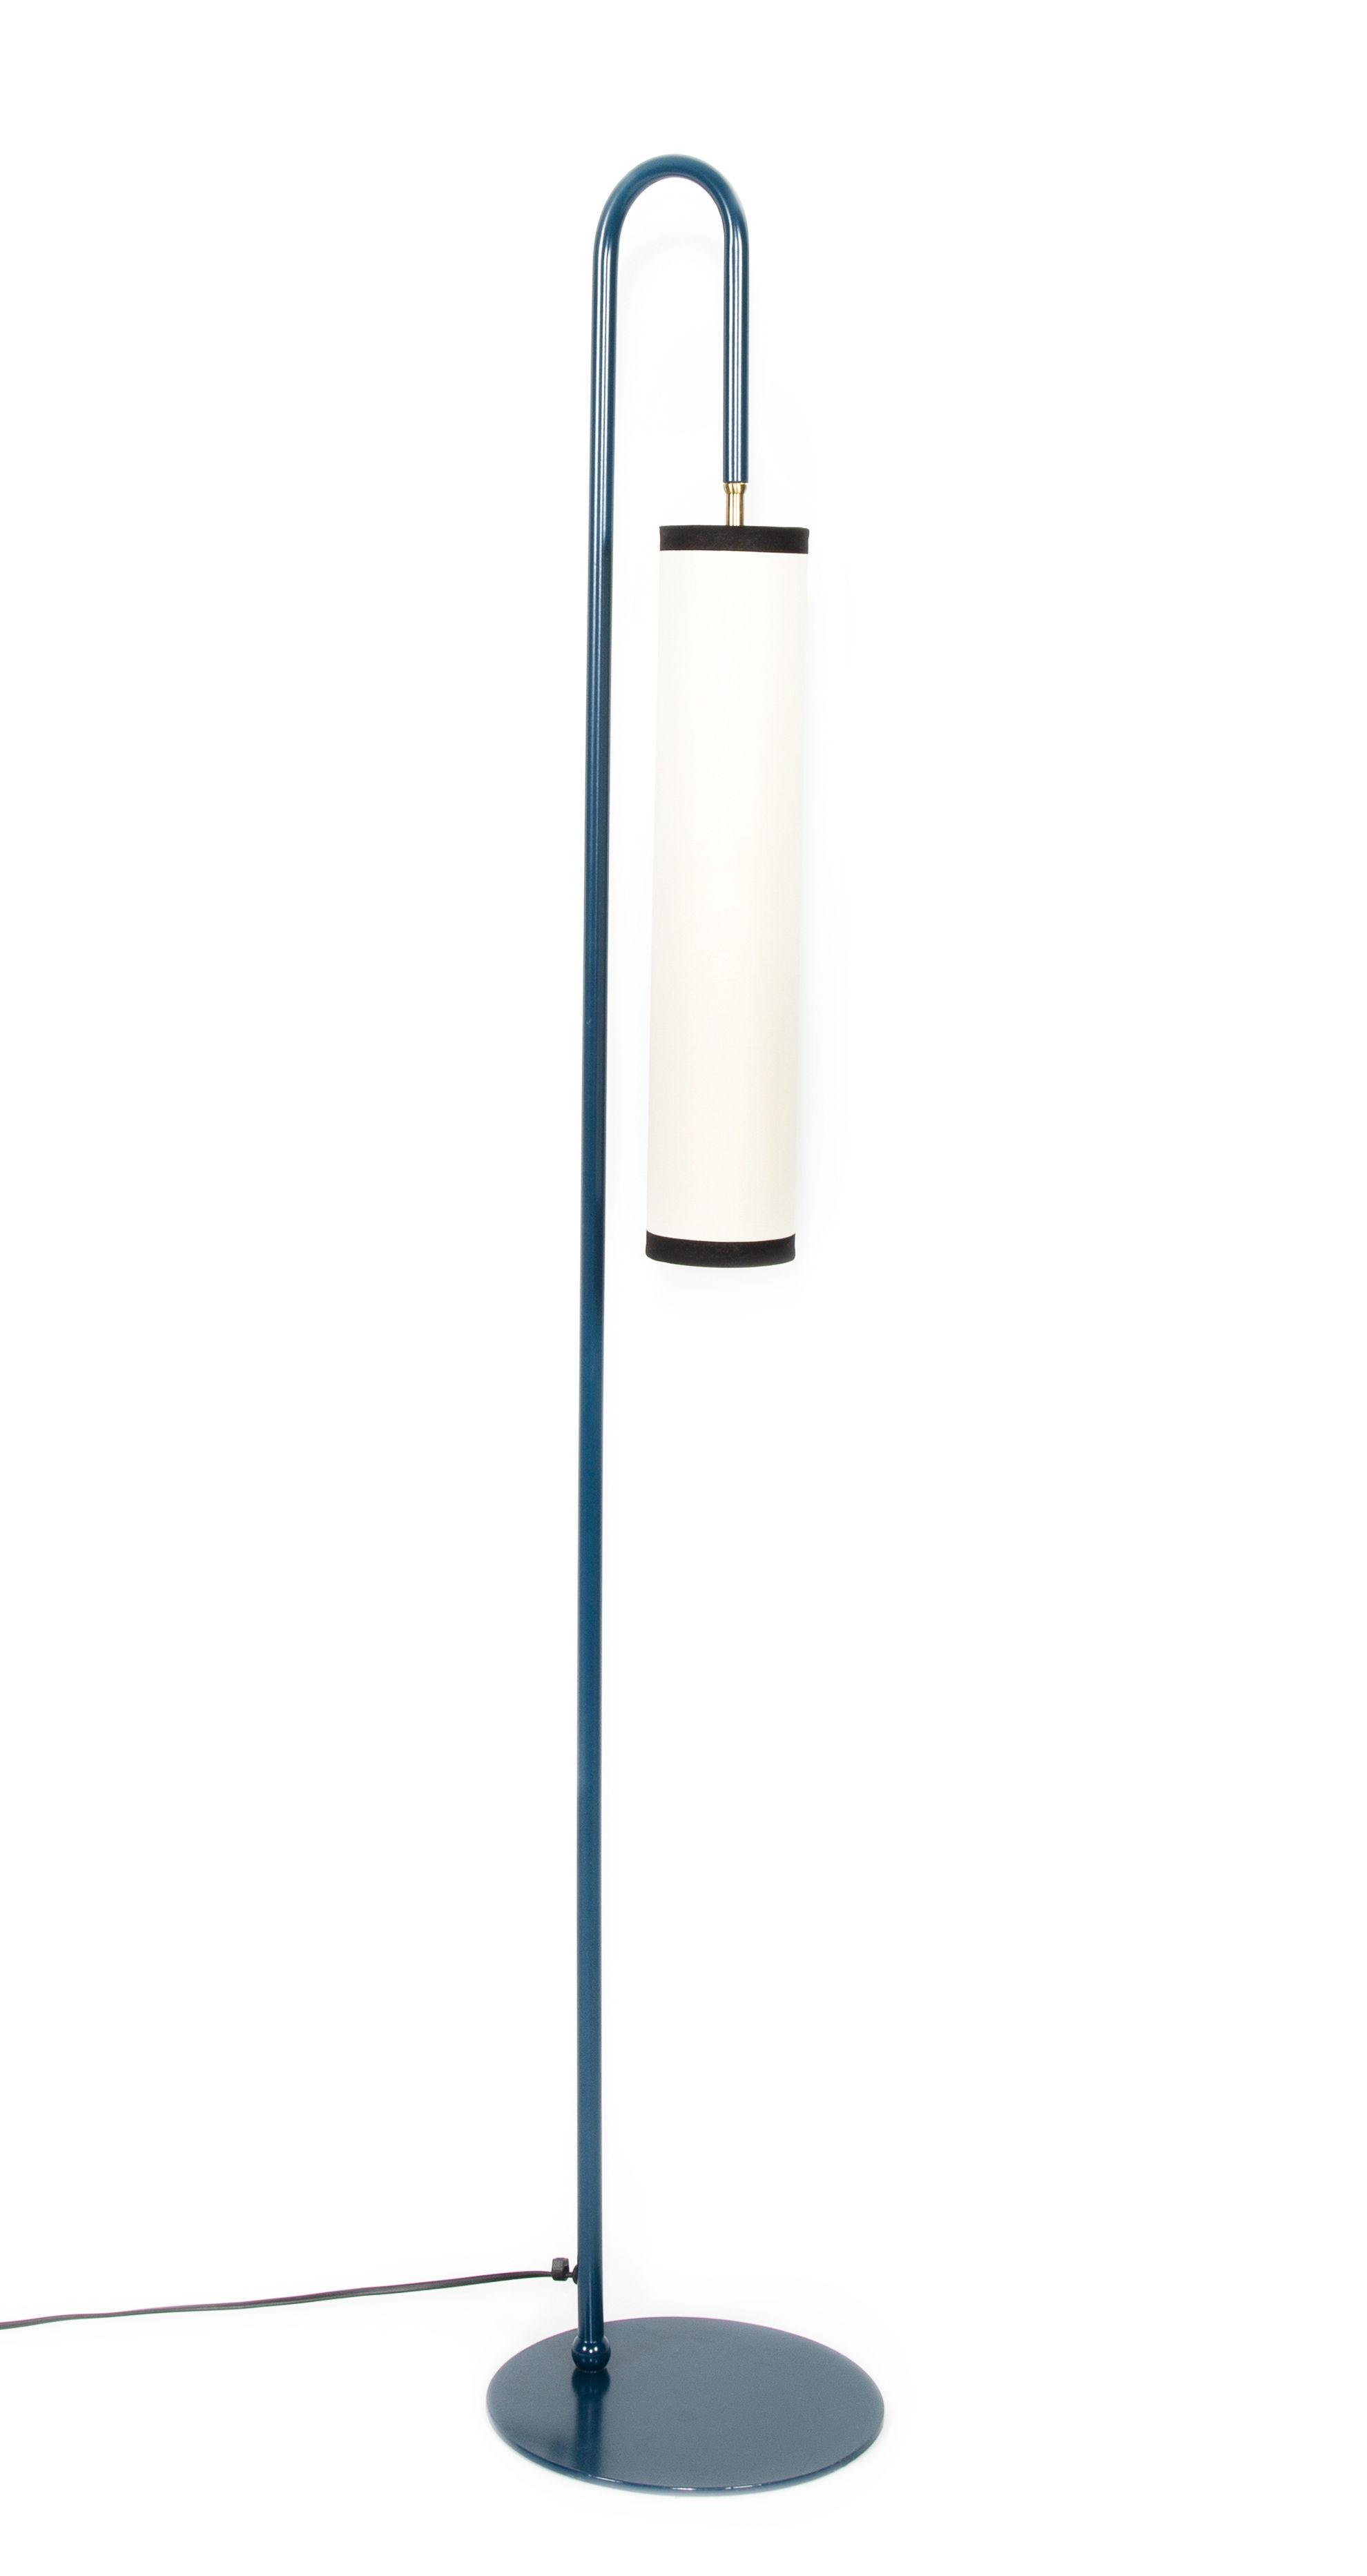 Luminaire - Lampadaires - Lampadaire Tokyo / H 140 cm - Métal & tissu - Maison Sarah Lavoine - Bleu / Blanc - Acier thermo-laqué, Coton